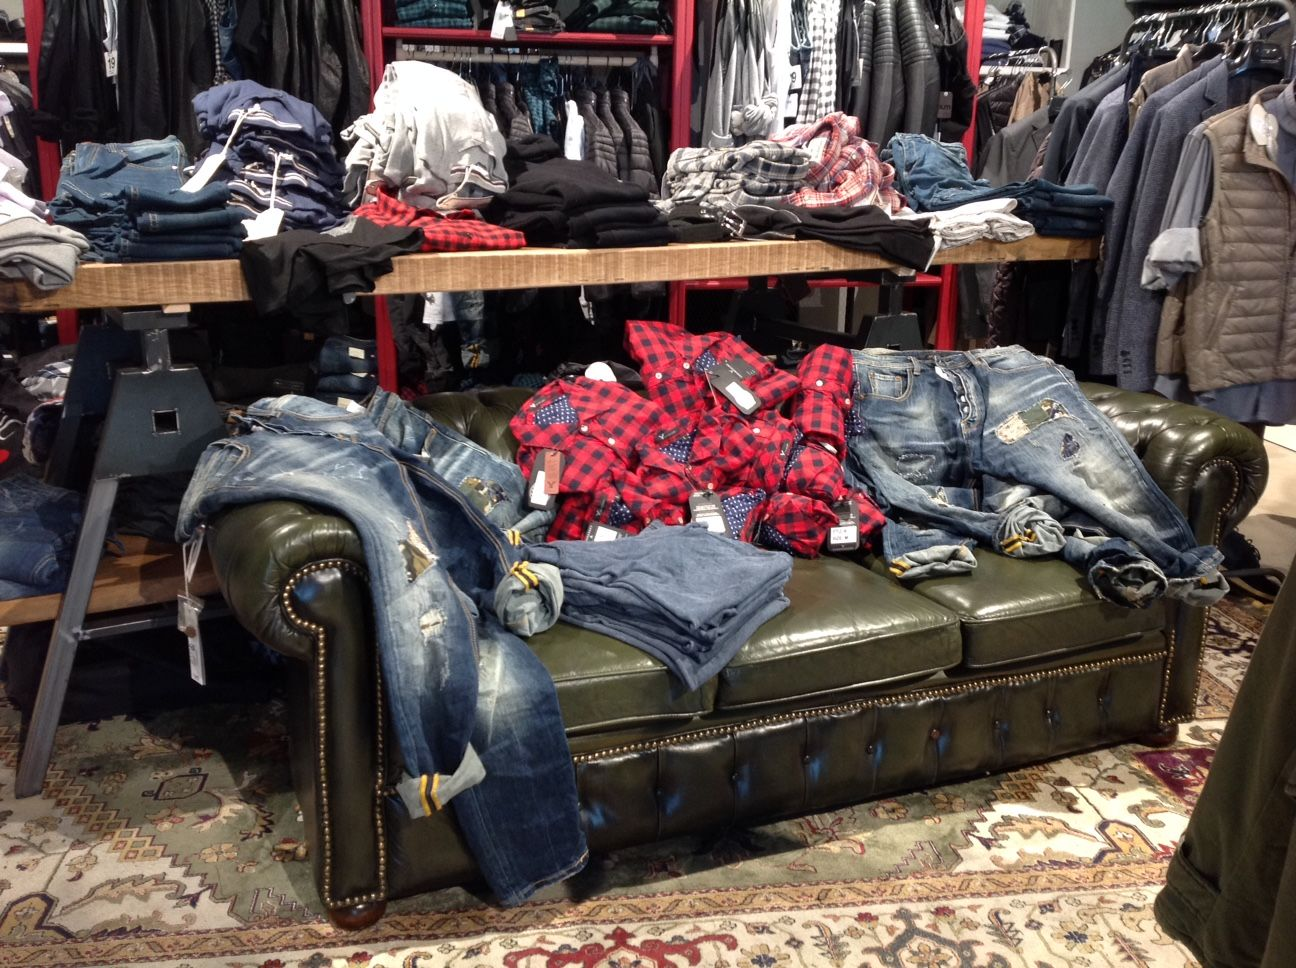 """Allestimento presso il negozio """"Milano moda"""" a Trezzo d'Adda img_4721.jpg"""